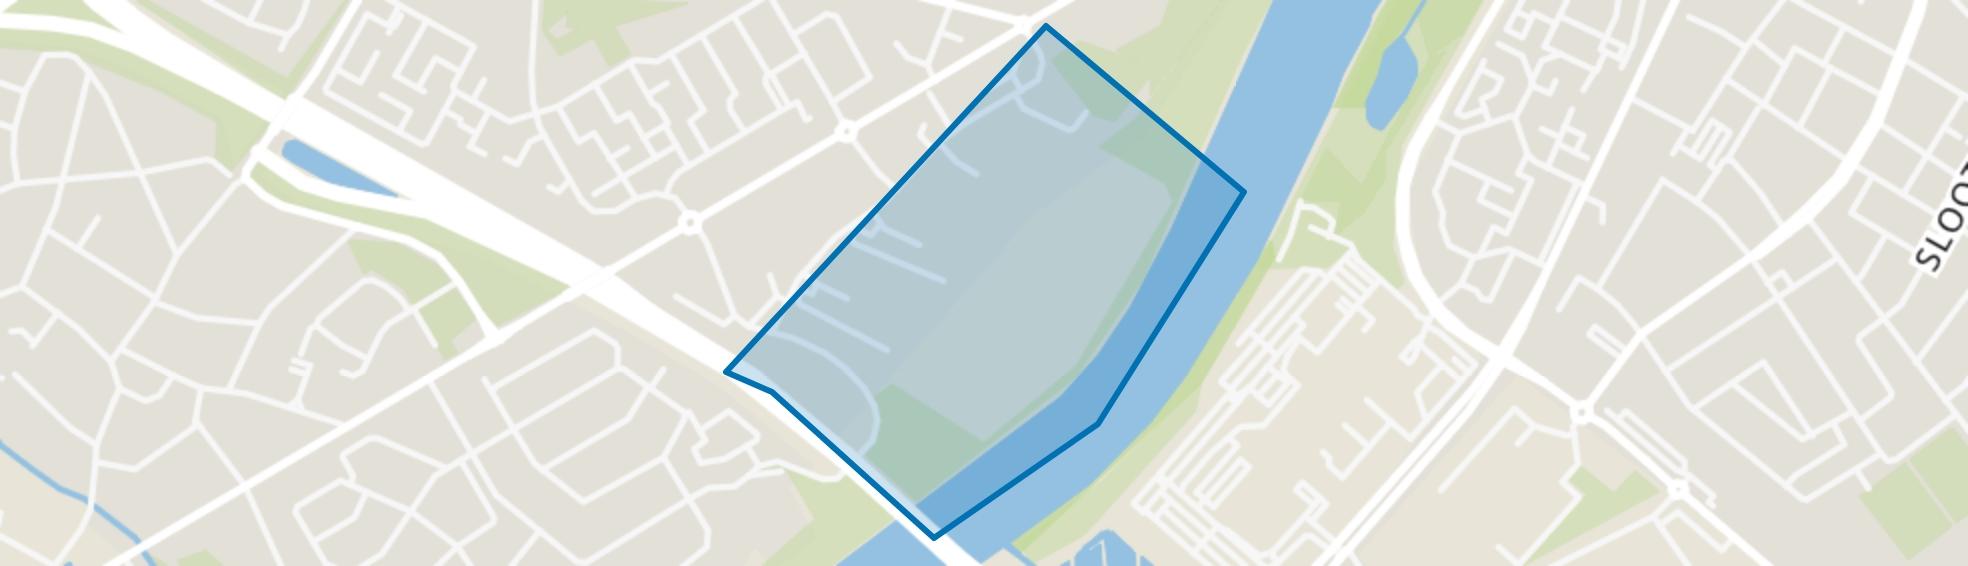 Molenbossen, Venlo map